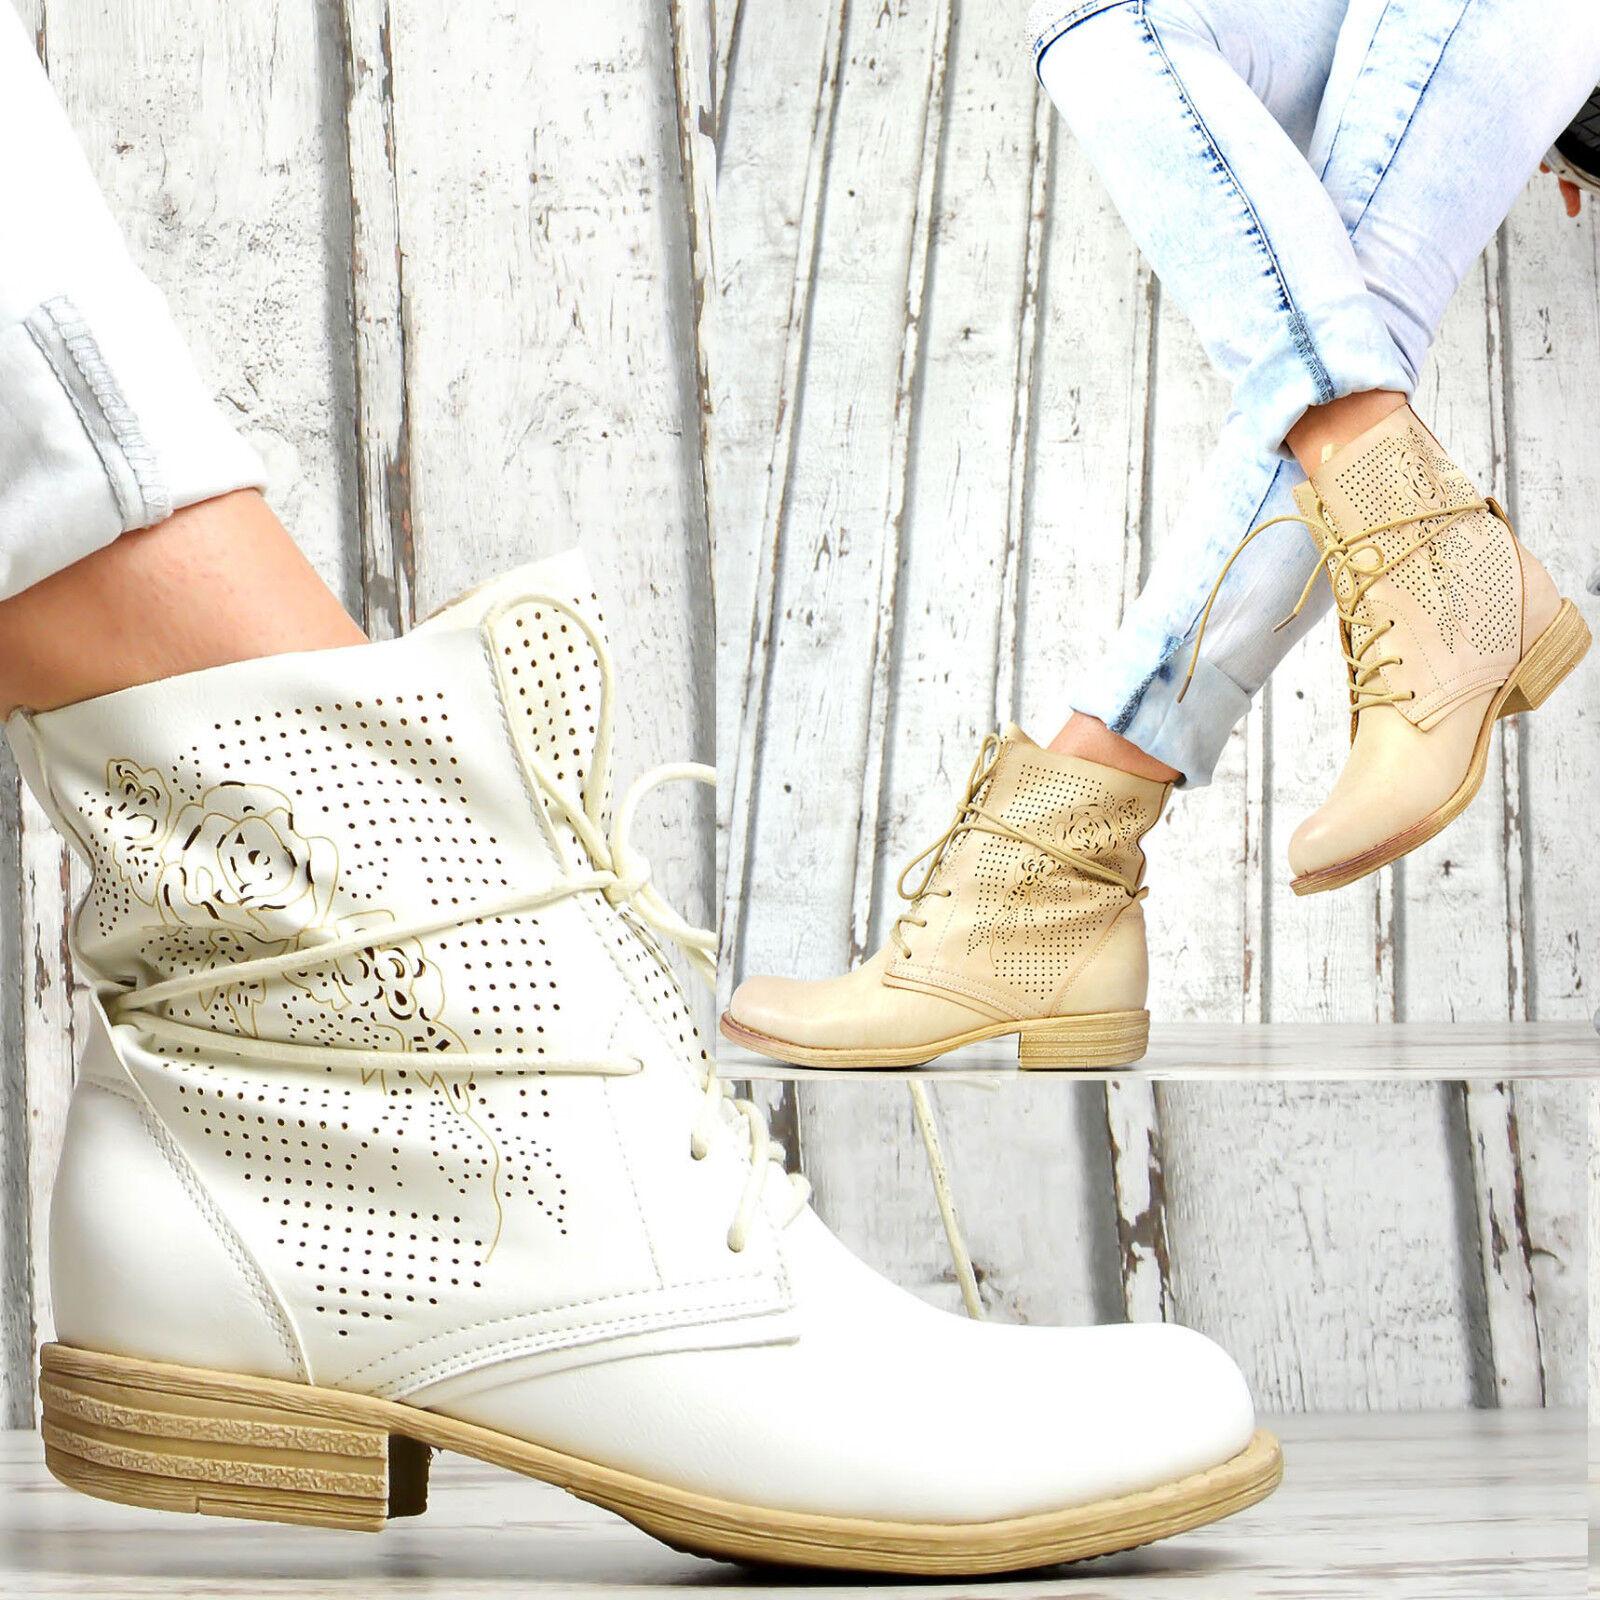 f9d4098f64c1d0 Neu Designer Damen Schuhe Biker Sommer Schnür Ankle Boots Stiefeletten Weiß  Beig